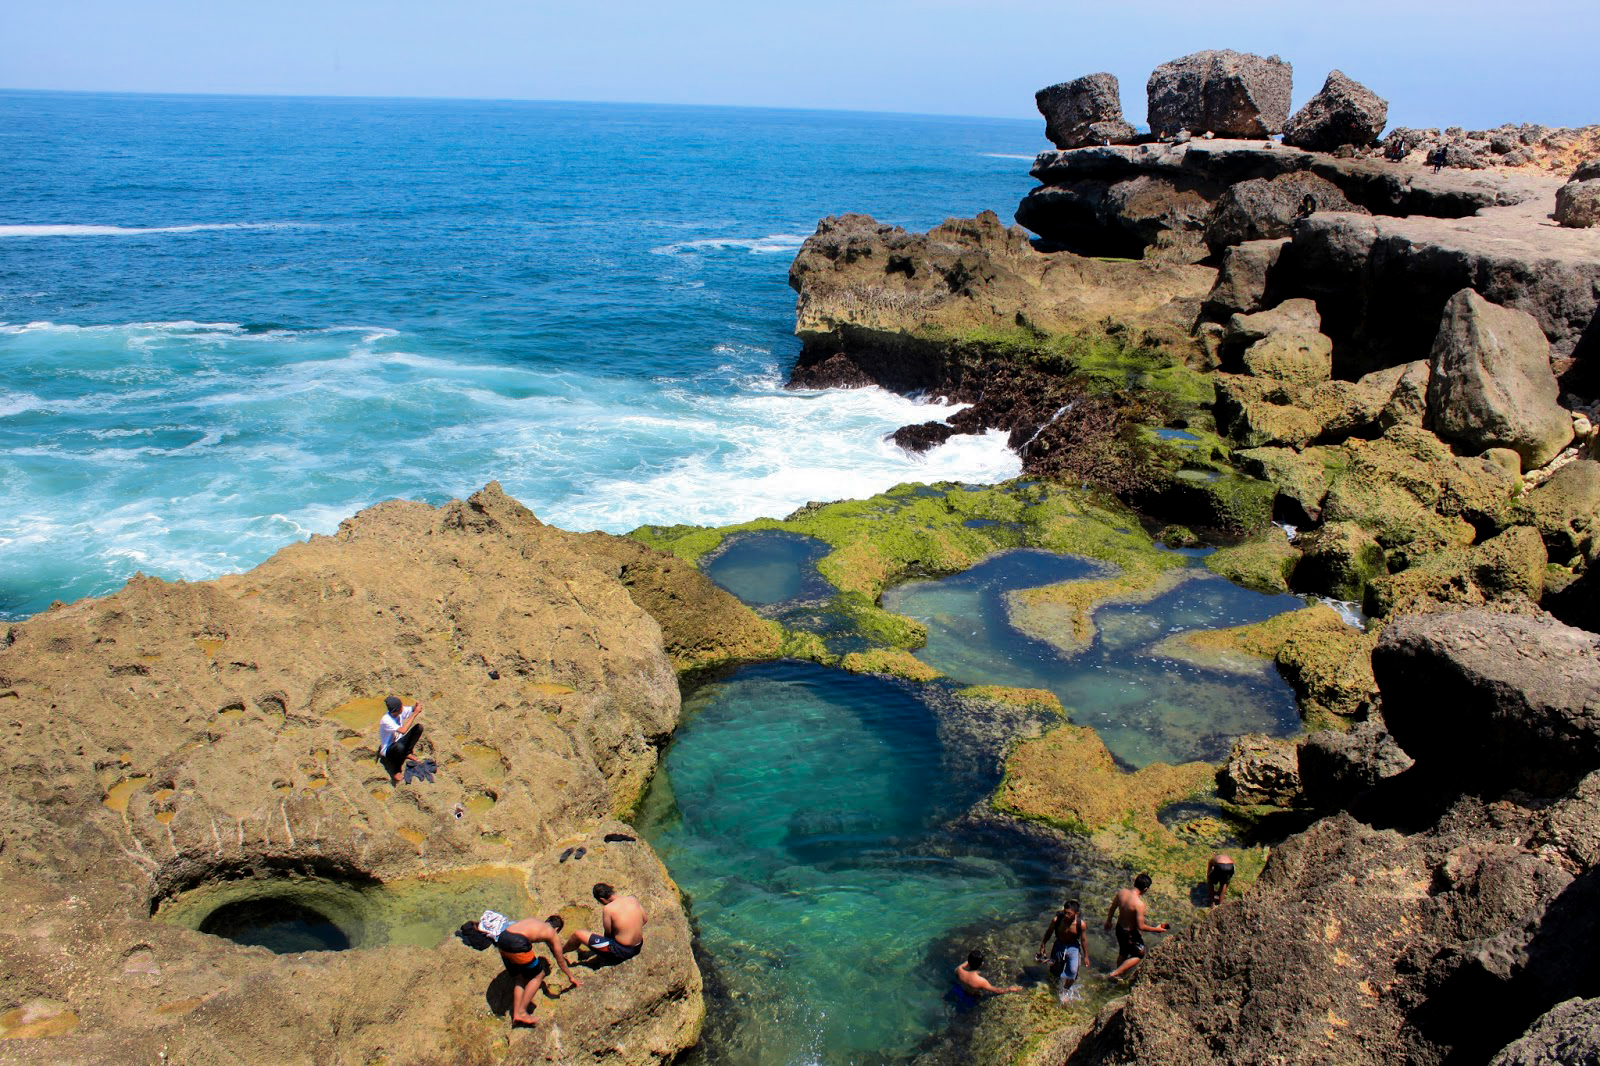 Daftar Tempat Wisata Tulungagung Edisi Terlengkap Ombonejagad 45 Pantai Kedung